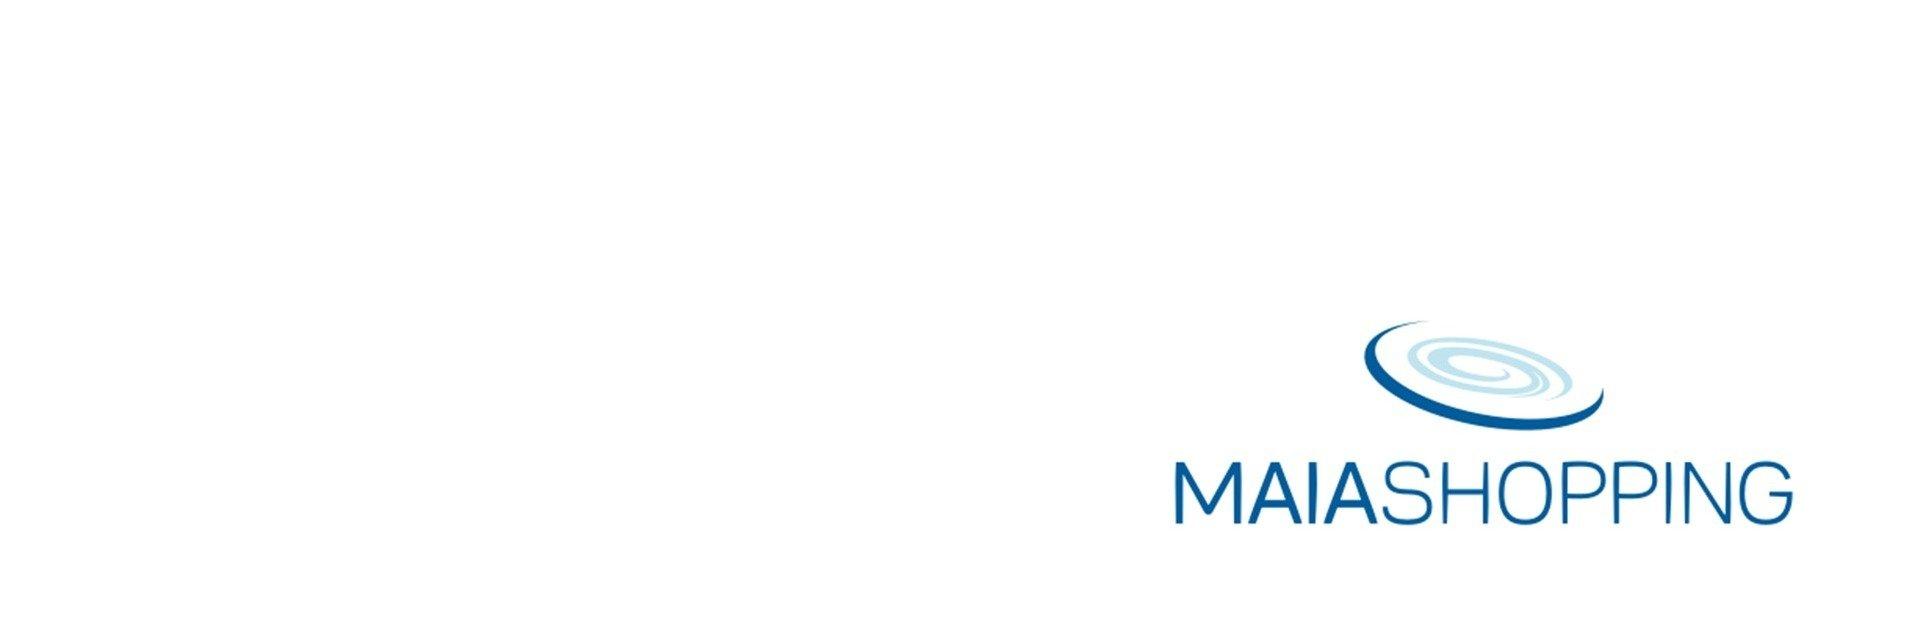 MaiaShopping recebe exposição 'MEMÓRIAS DA MAIA – AEROPORTO DE PEDRAS RUBRAS'